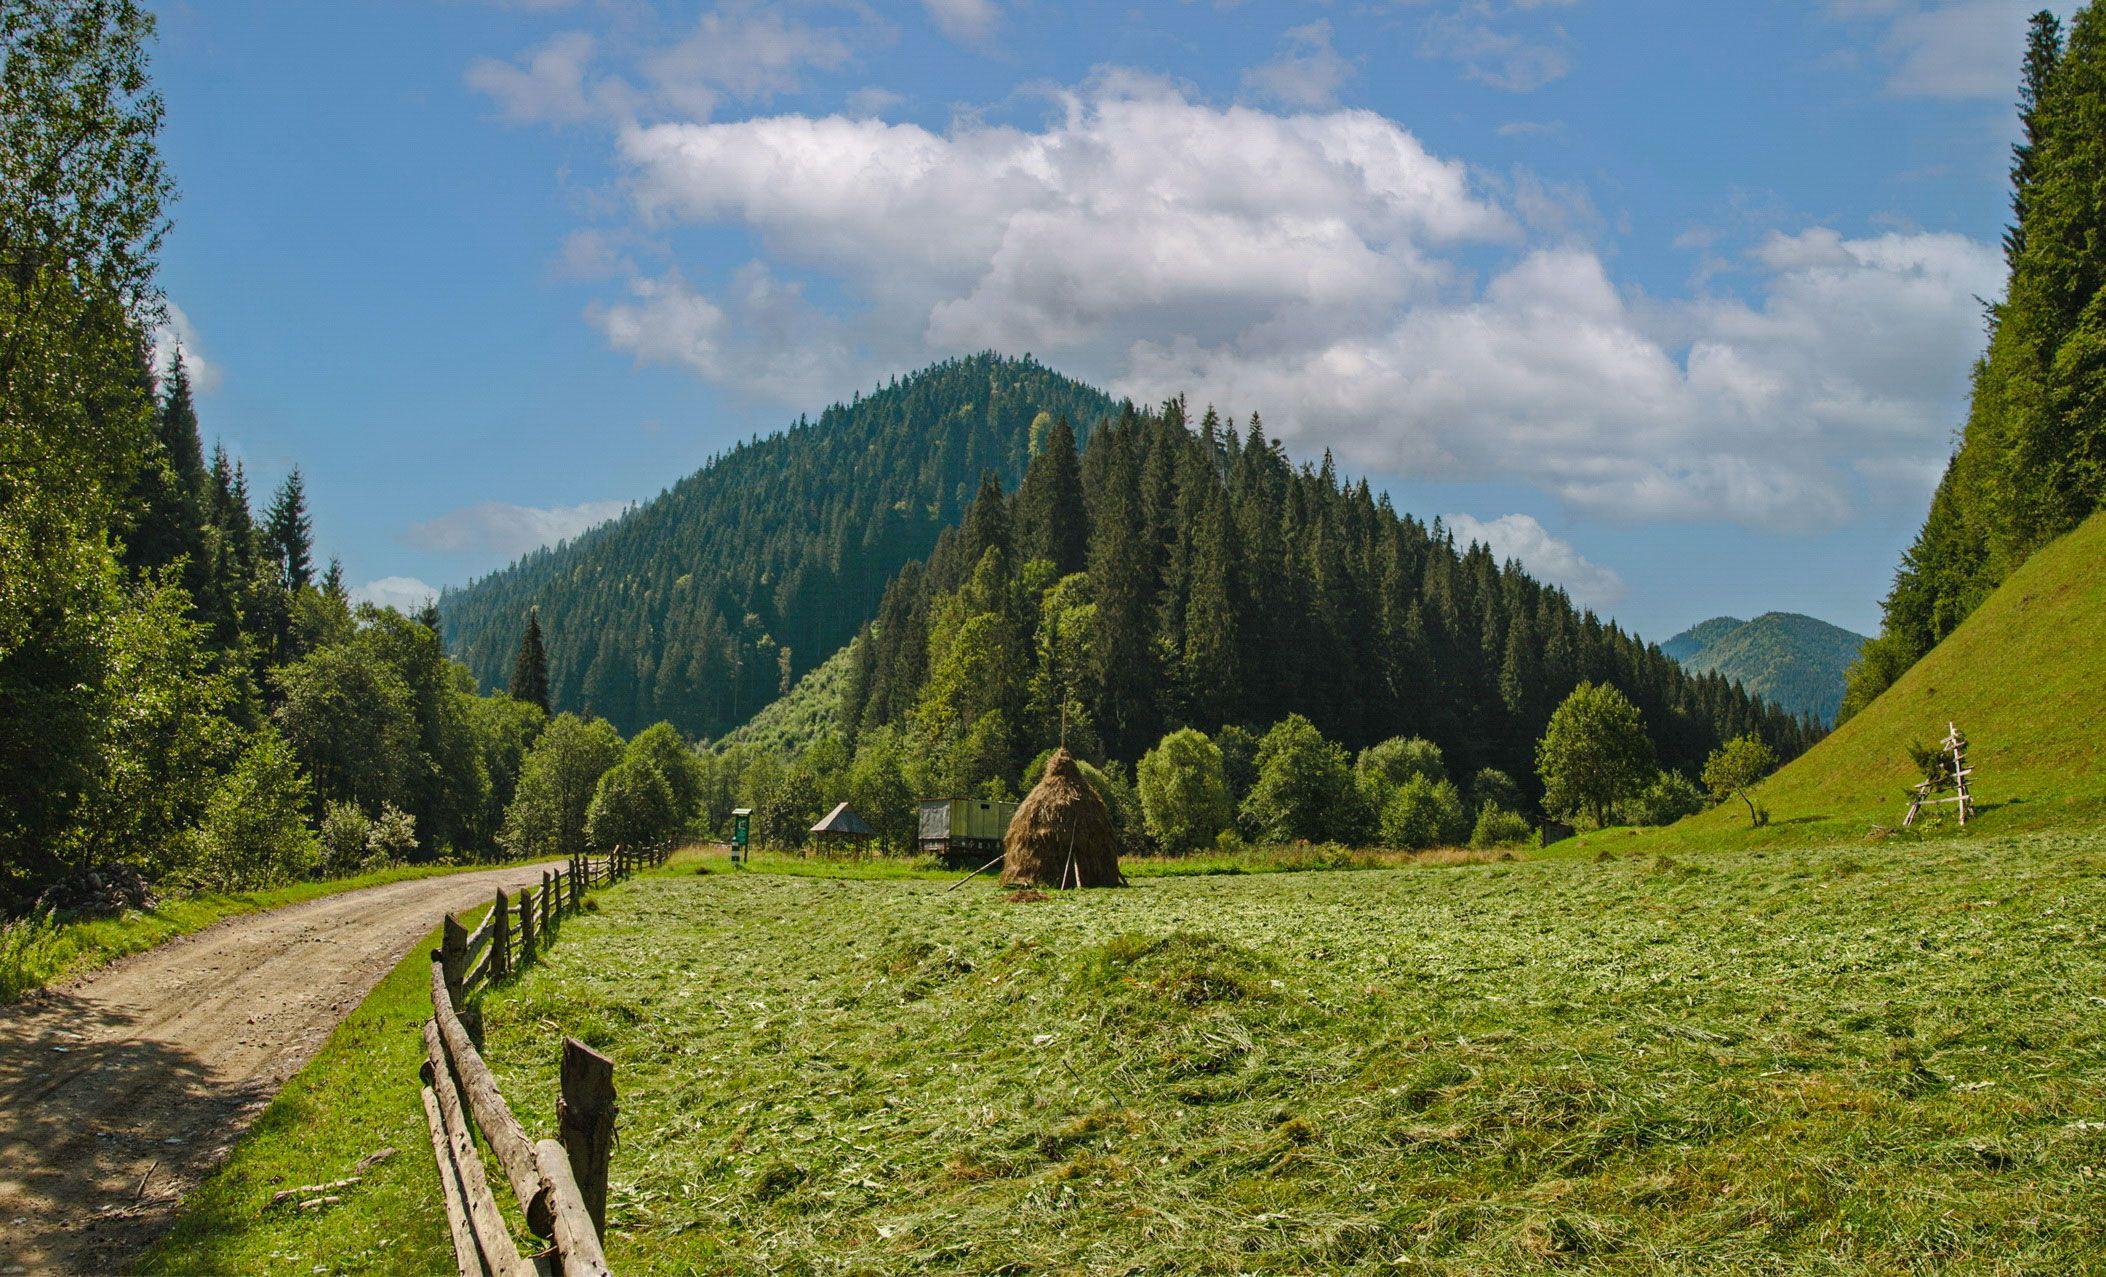 карпаты, мармаросы, гуцульские альпы, лето, вершина петрос мармаросский, вид от села богдан, Валерий Наумов